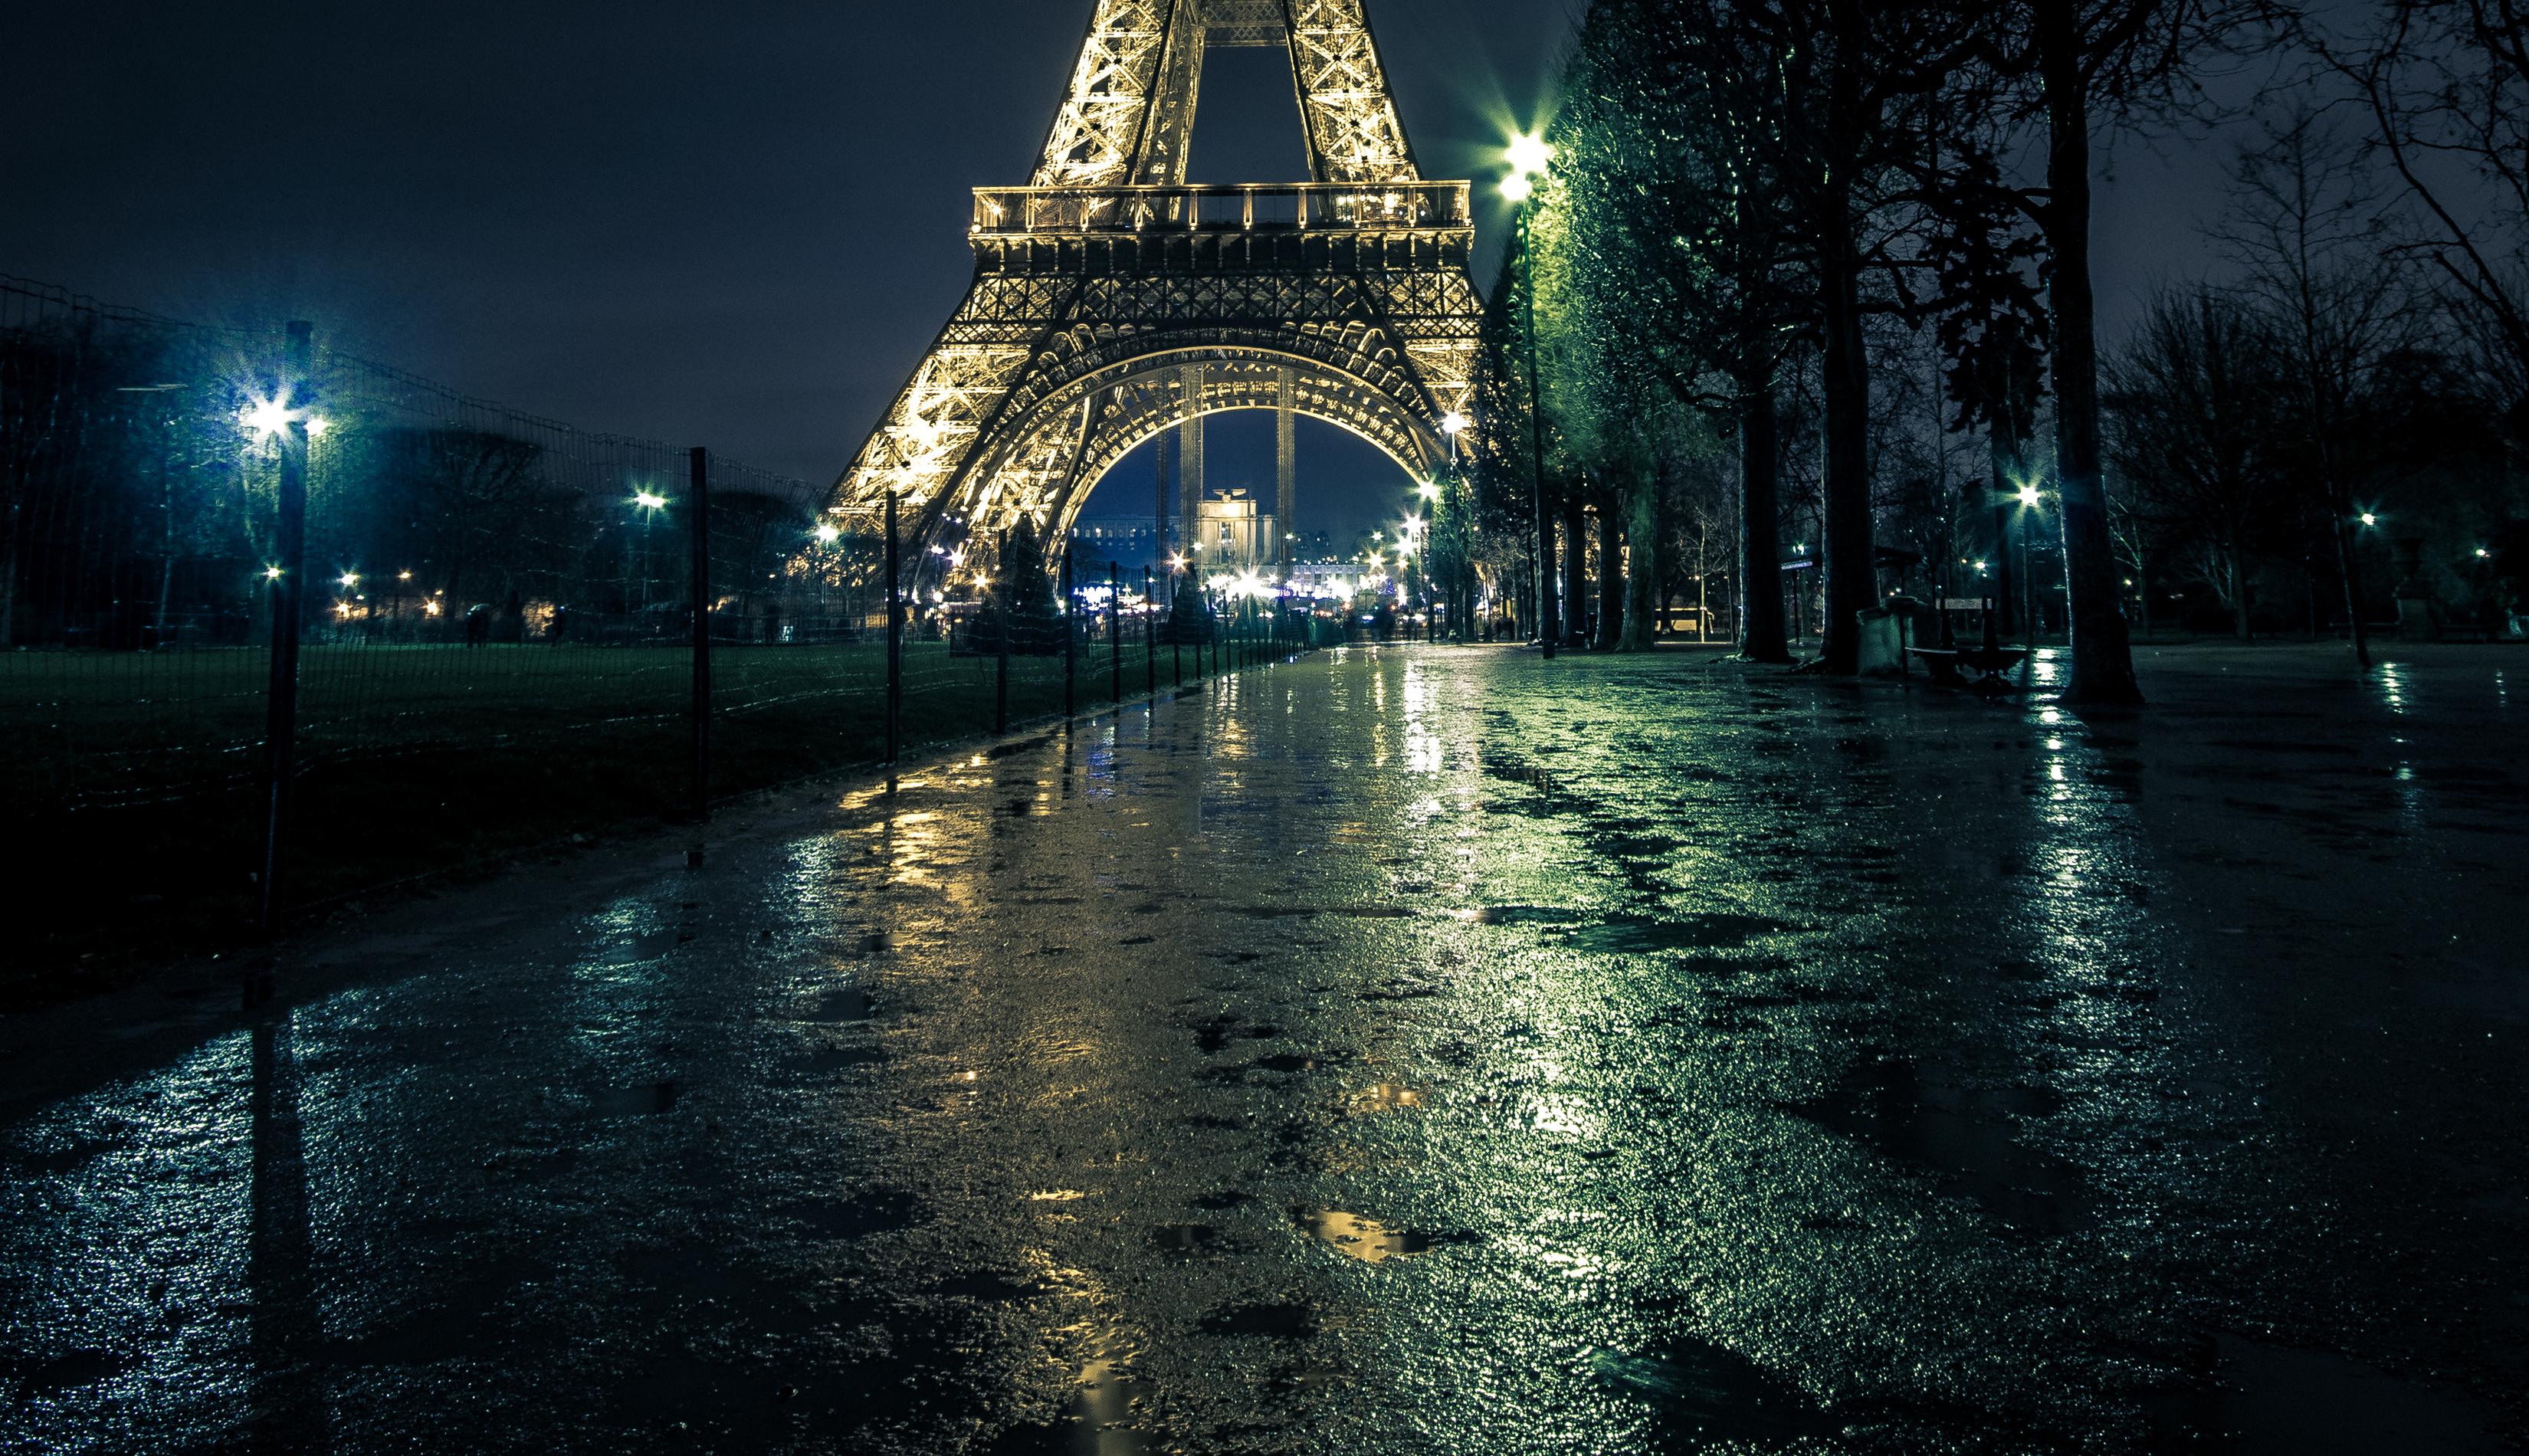 Франция дороги ночь фонари  № 2229281 загрузить